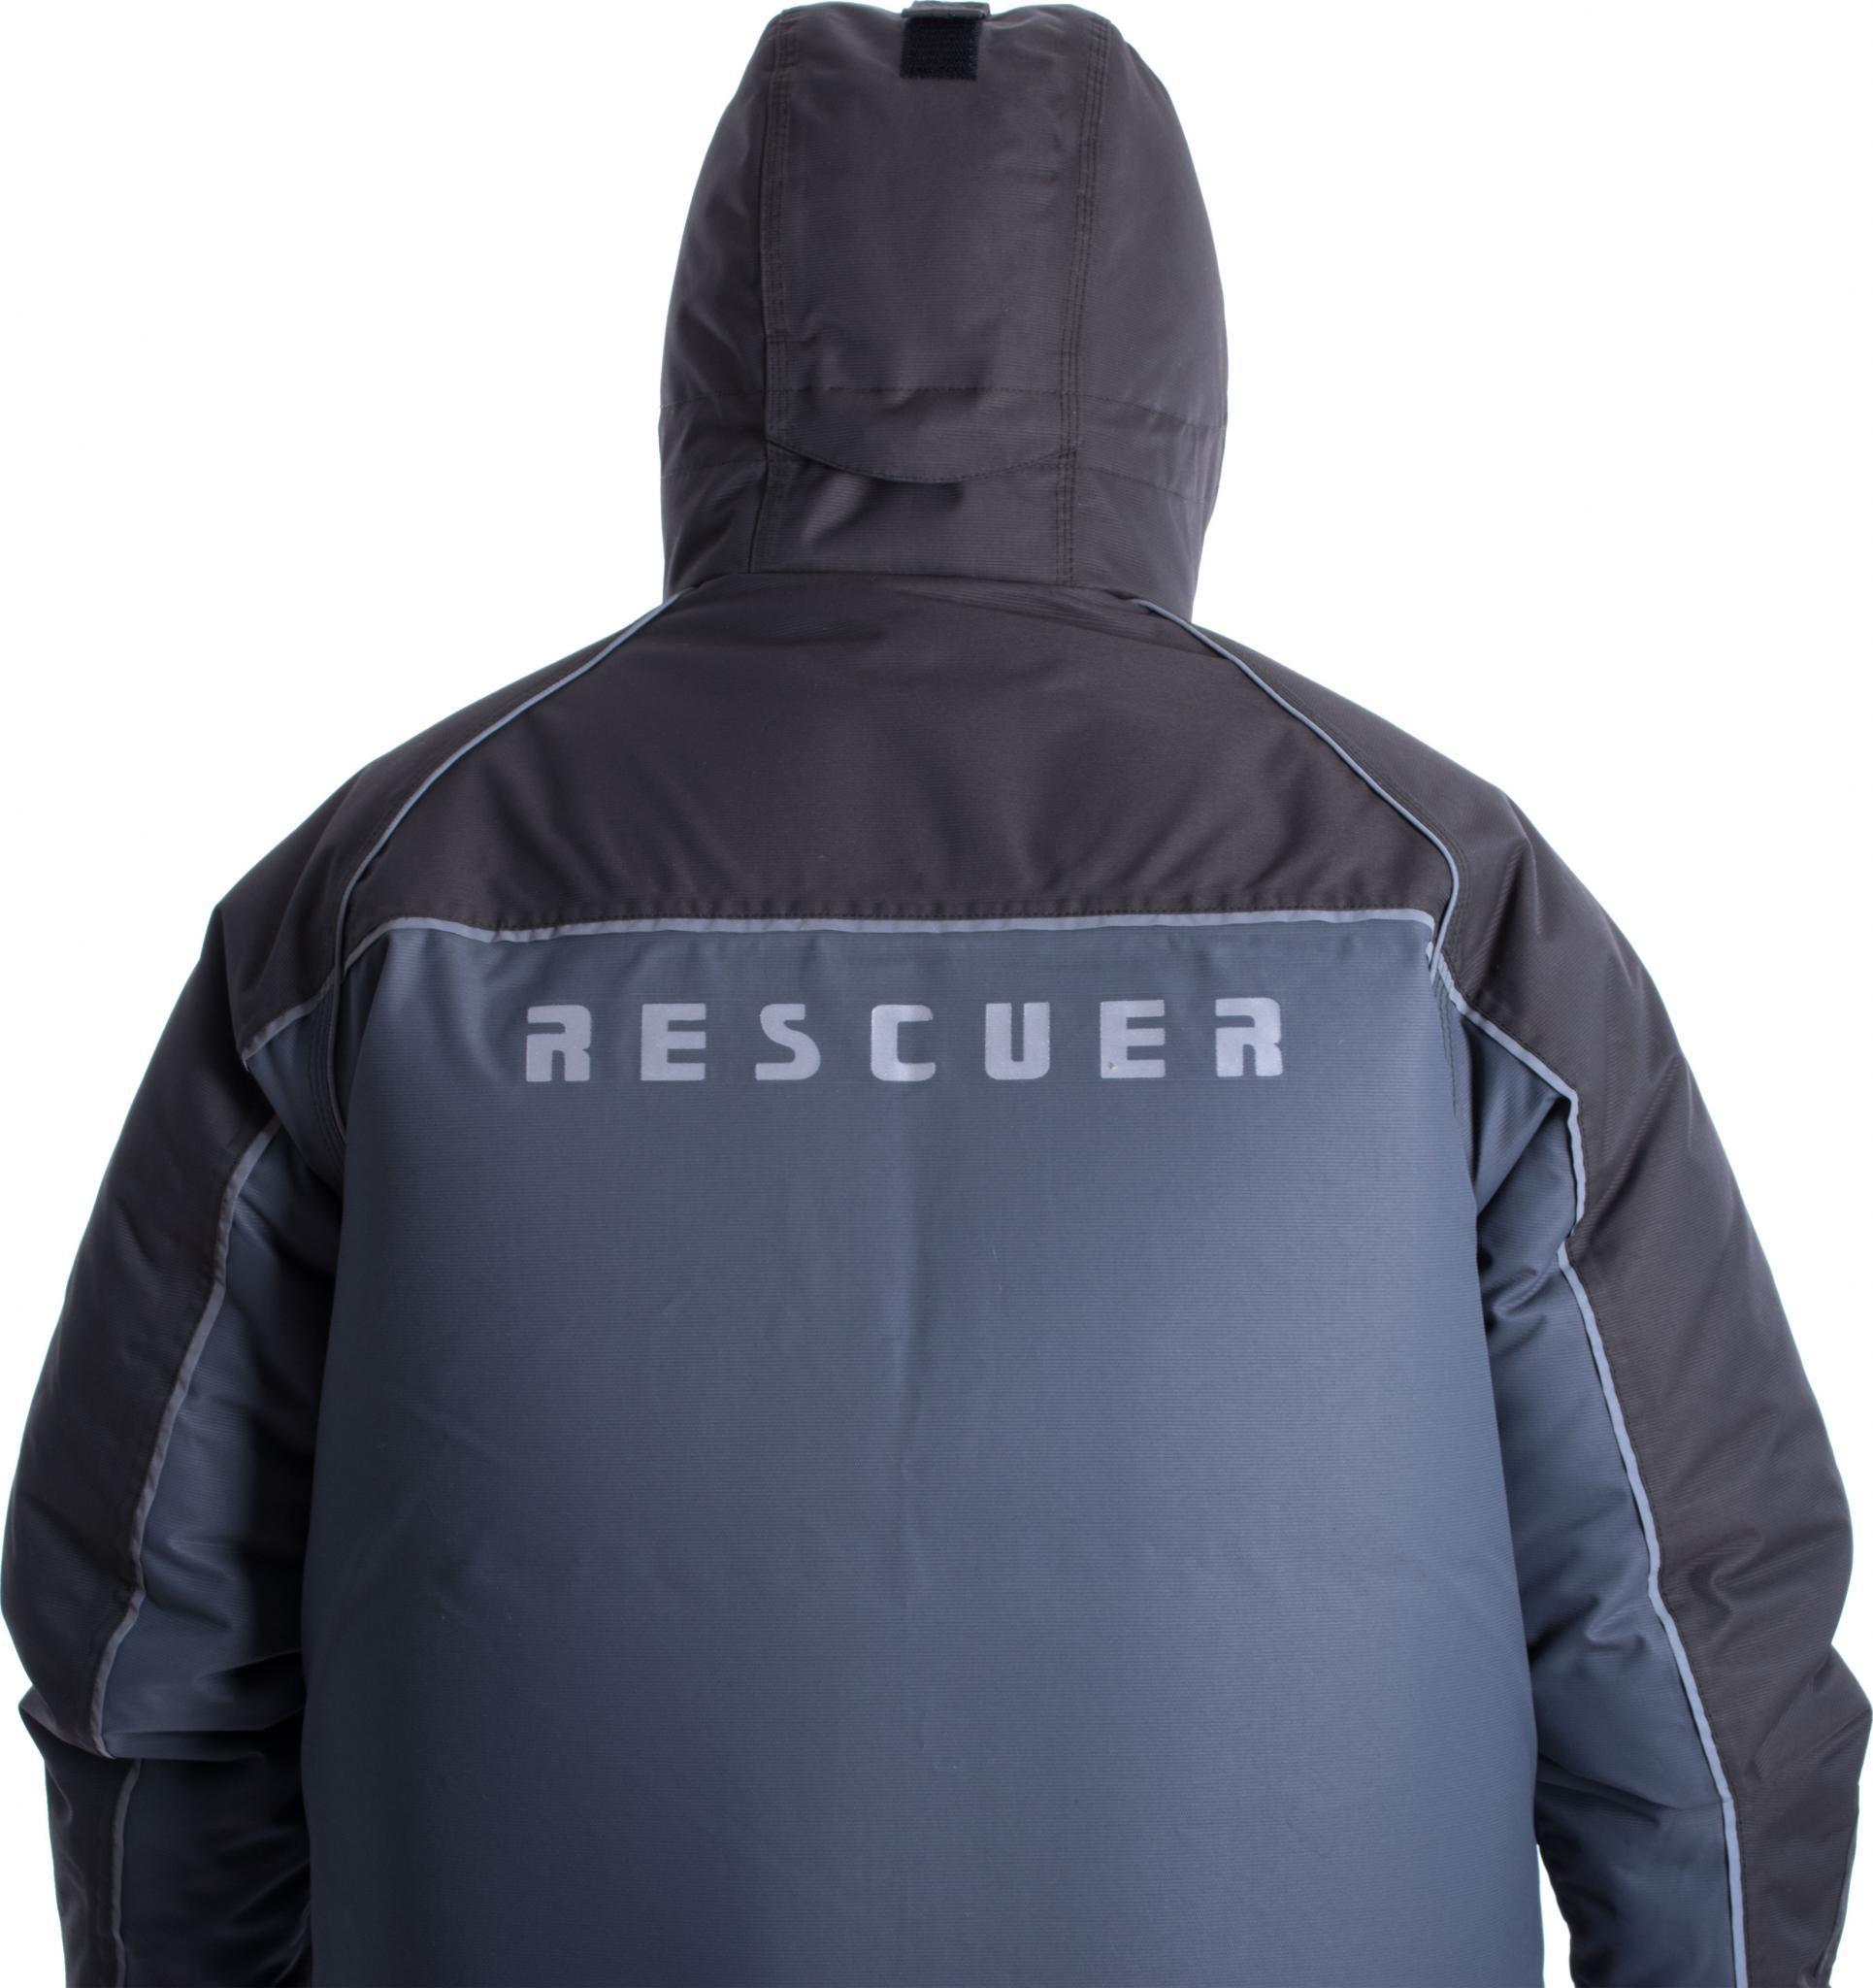 Костюм-поплавок рыбацкий зимний до - 45 Rescuer IV